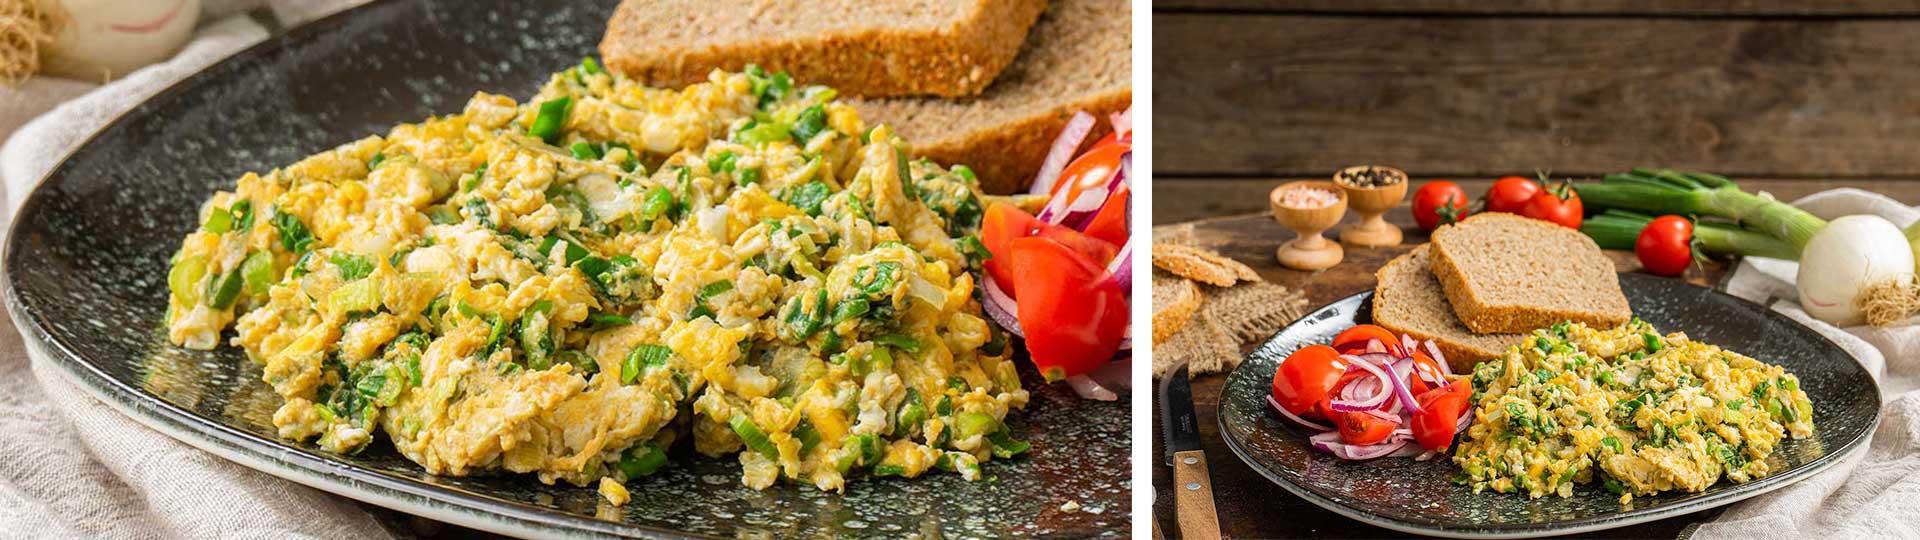 Рецепти с яйца: Бъркани яйца със зелен лук